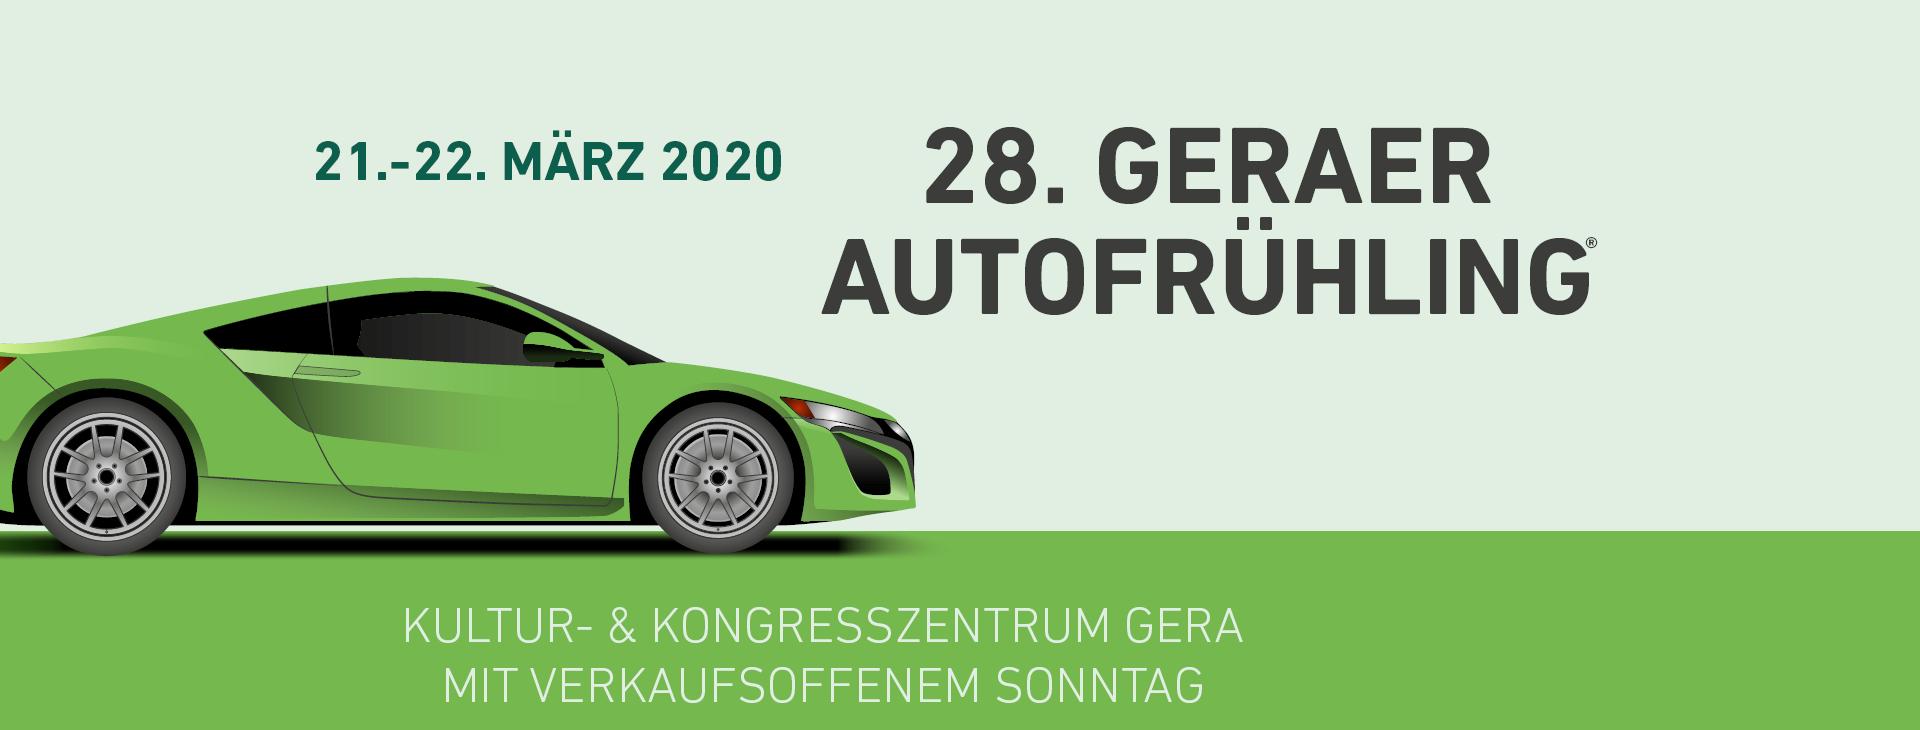 AF_Gera_2020_Hero_Header